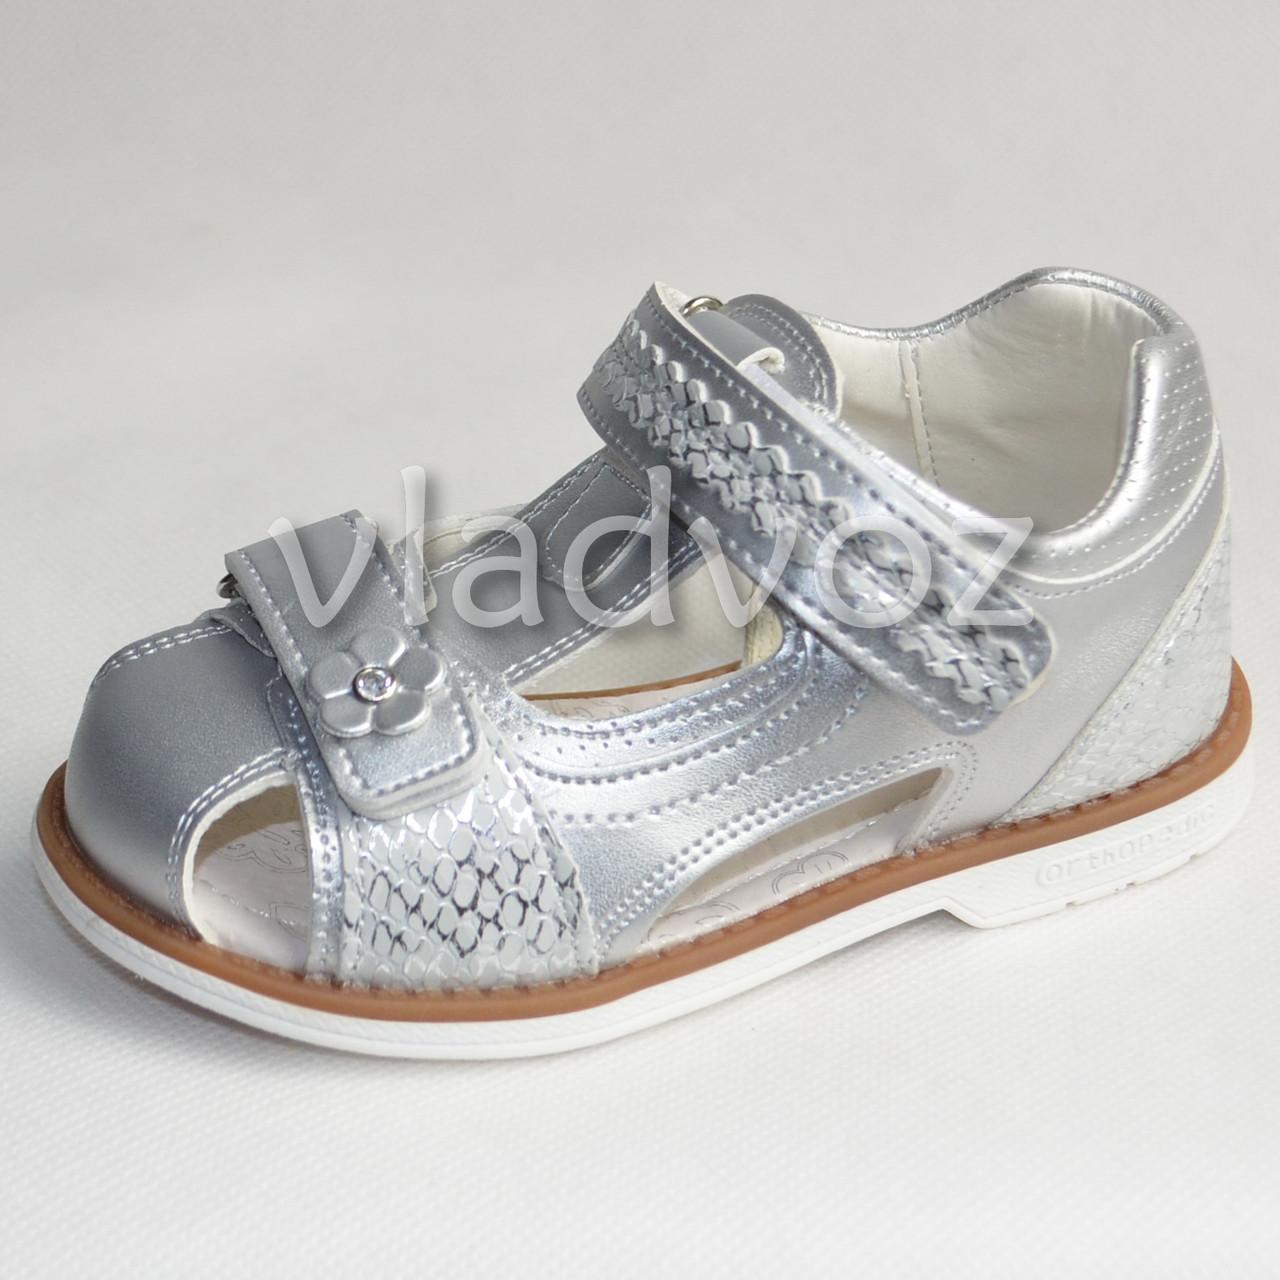 Босоножки сандалии для девочки, девочек серебристые 27р. Том.м